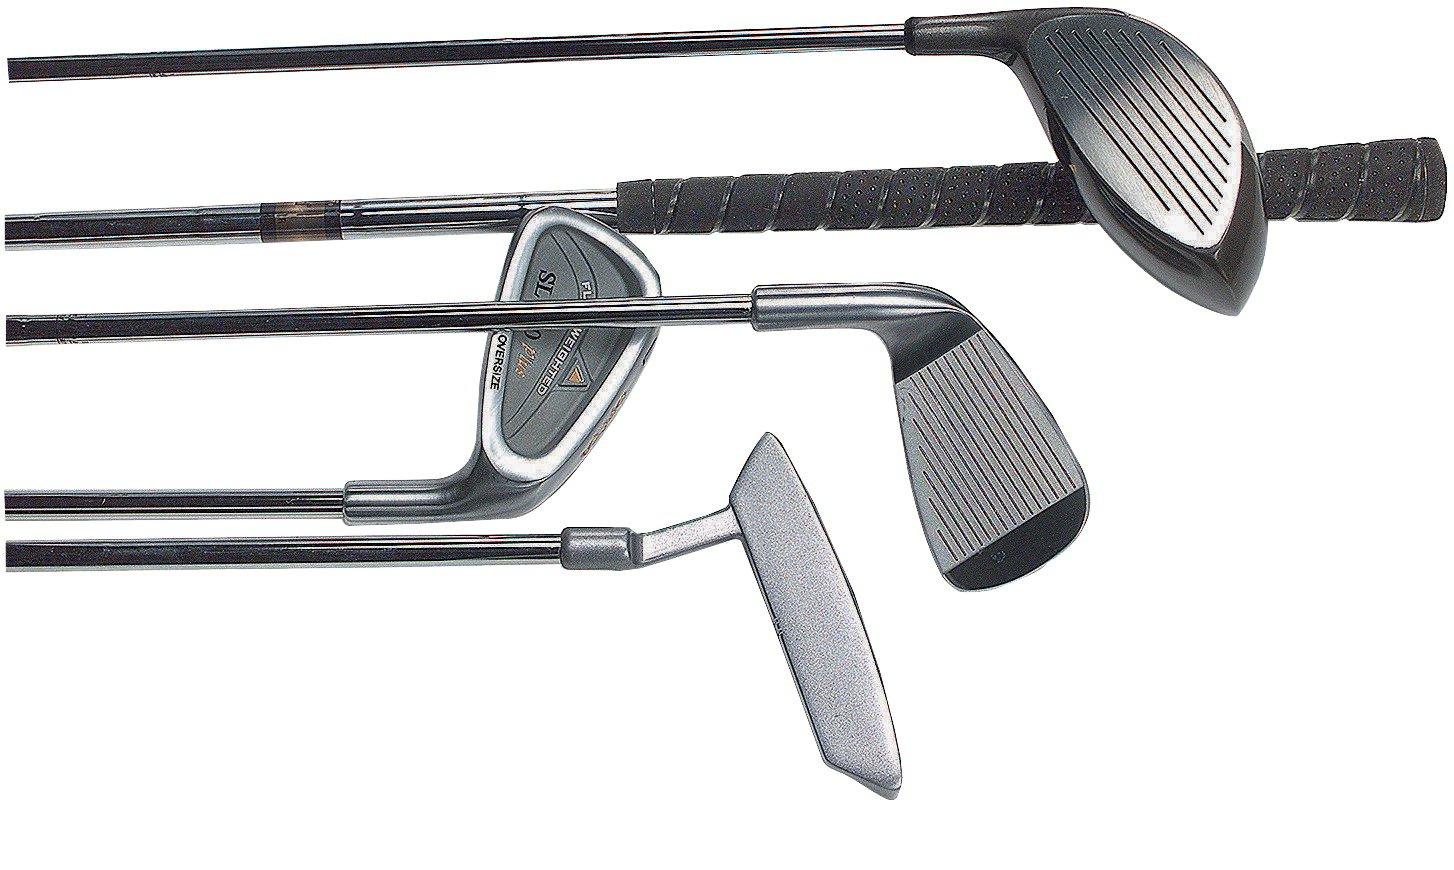 School Specialty Right-Handed No 9 Golf Club